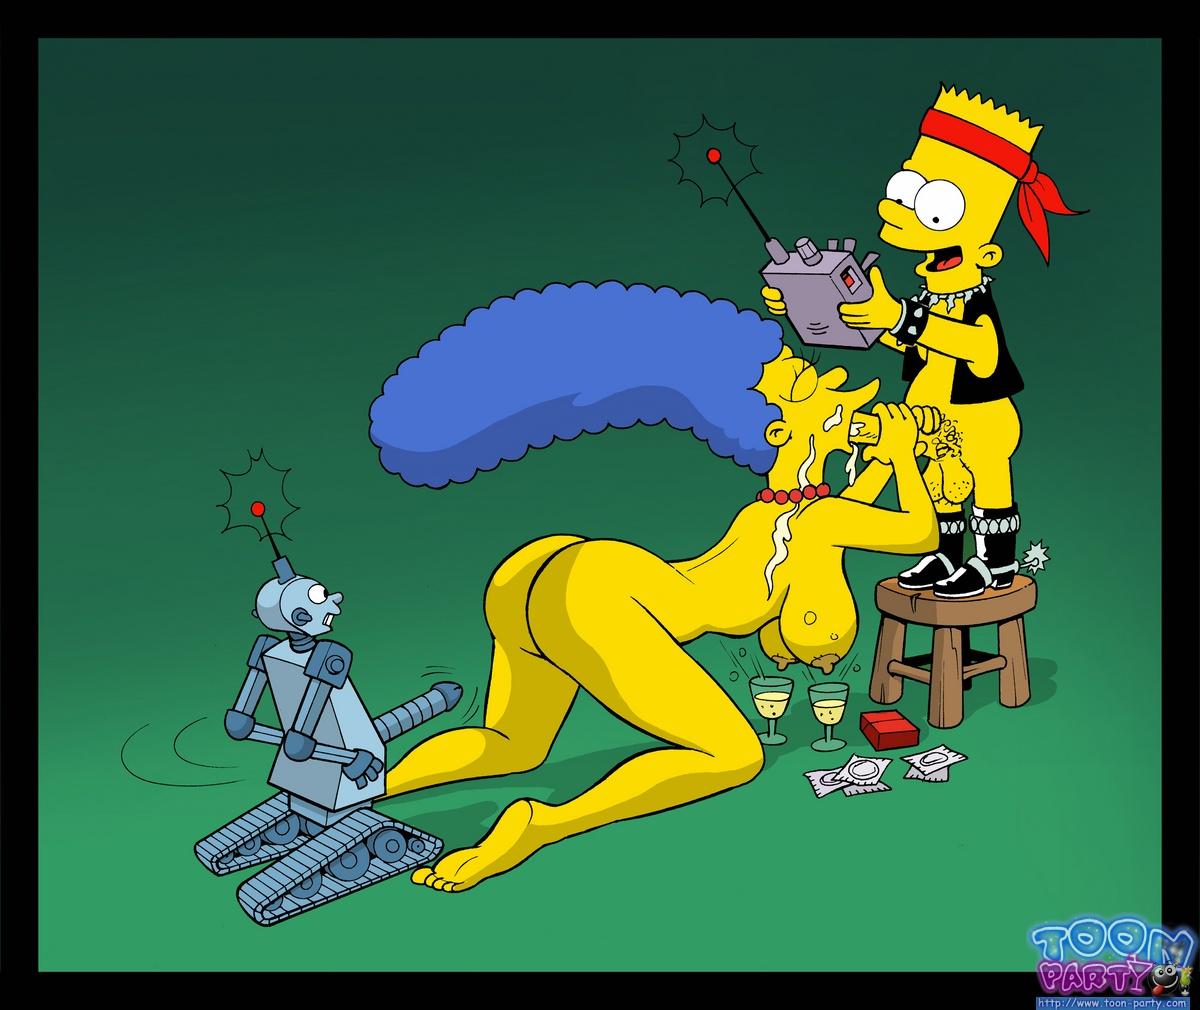 порно смотреть бесплатно картинки симпсоны